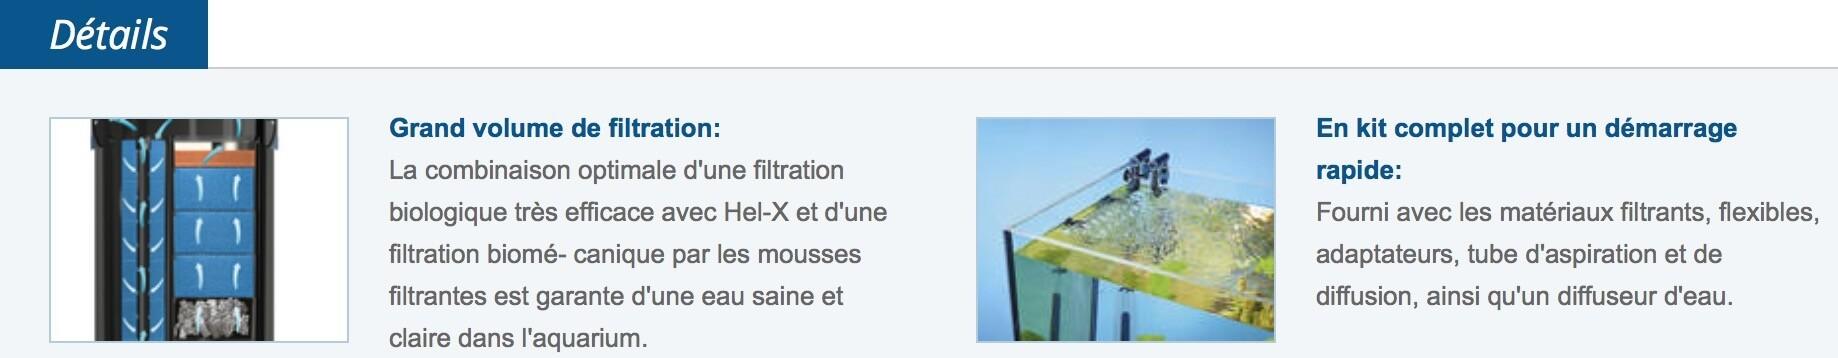 Détail de ce filtre extérieur pour aquarium